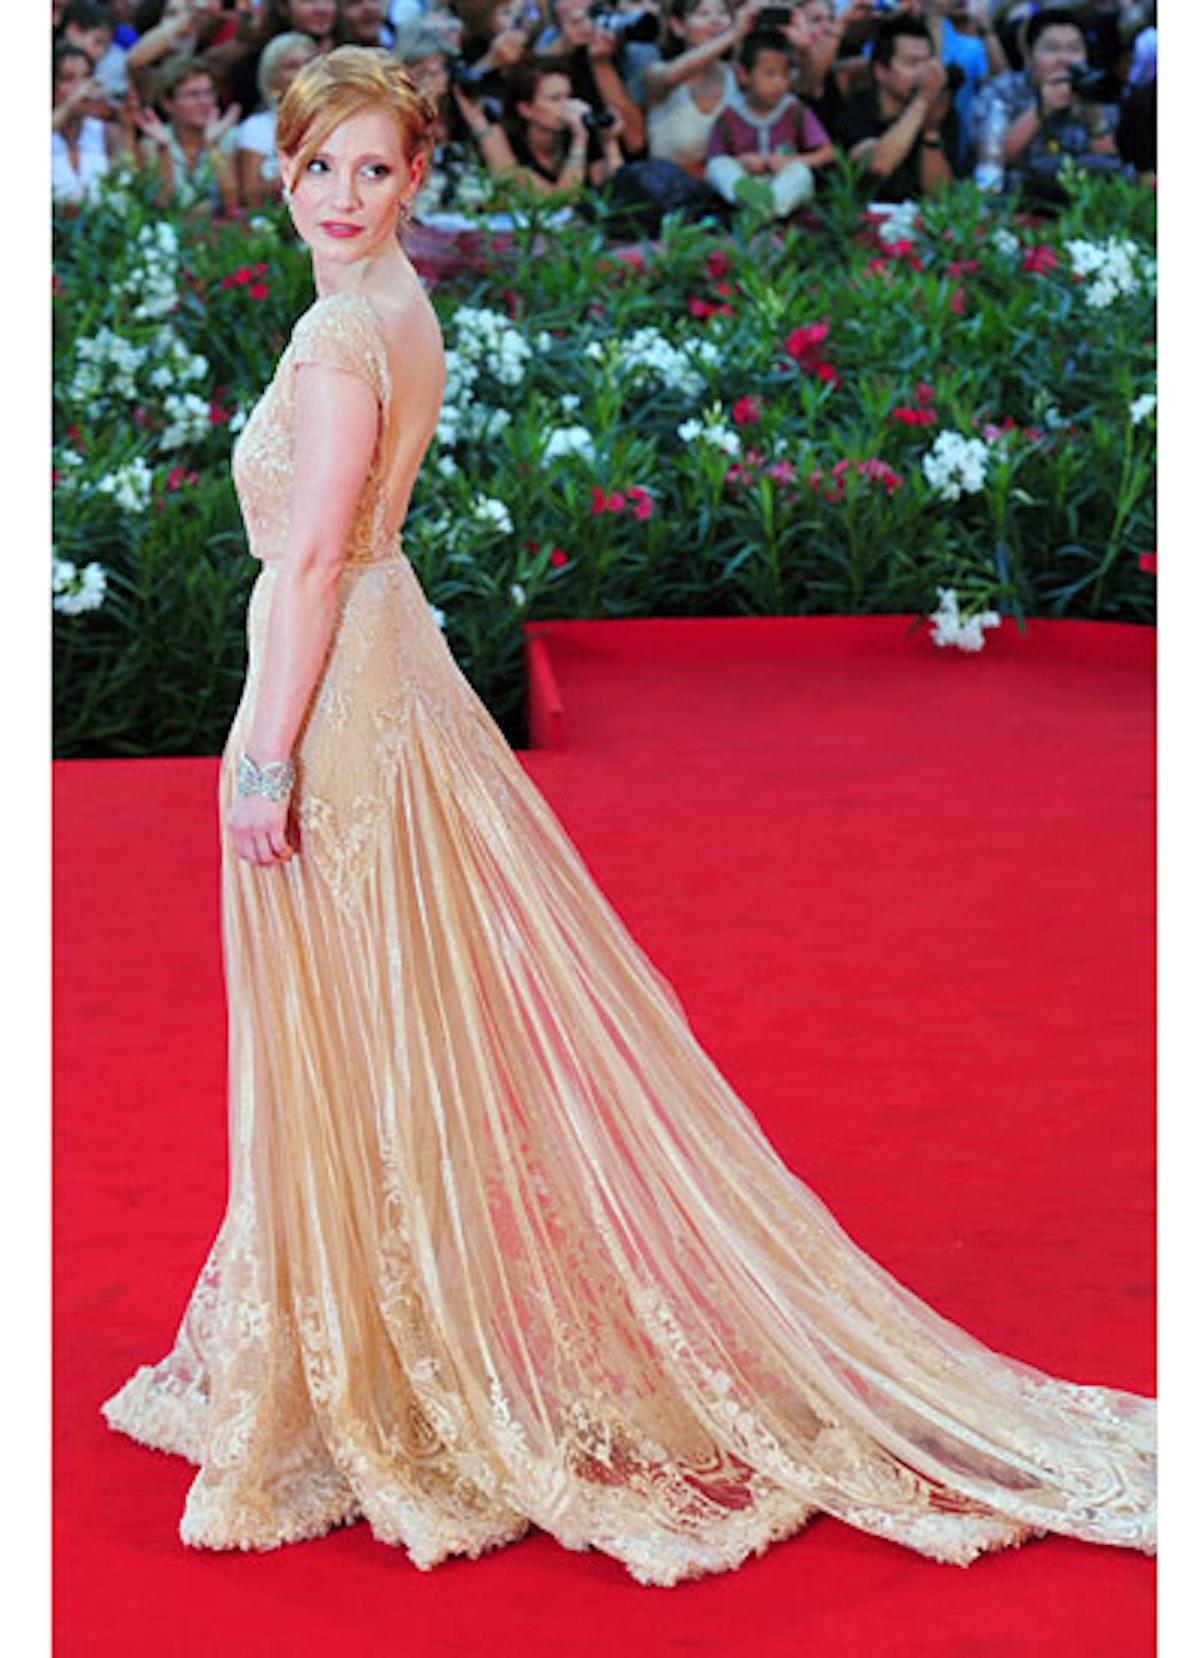 cess-jessica-chastain-best-red-carpet-looks-09-v.jpg